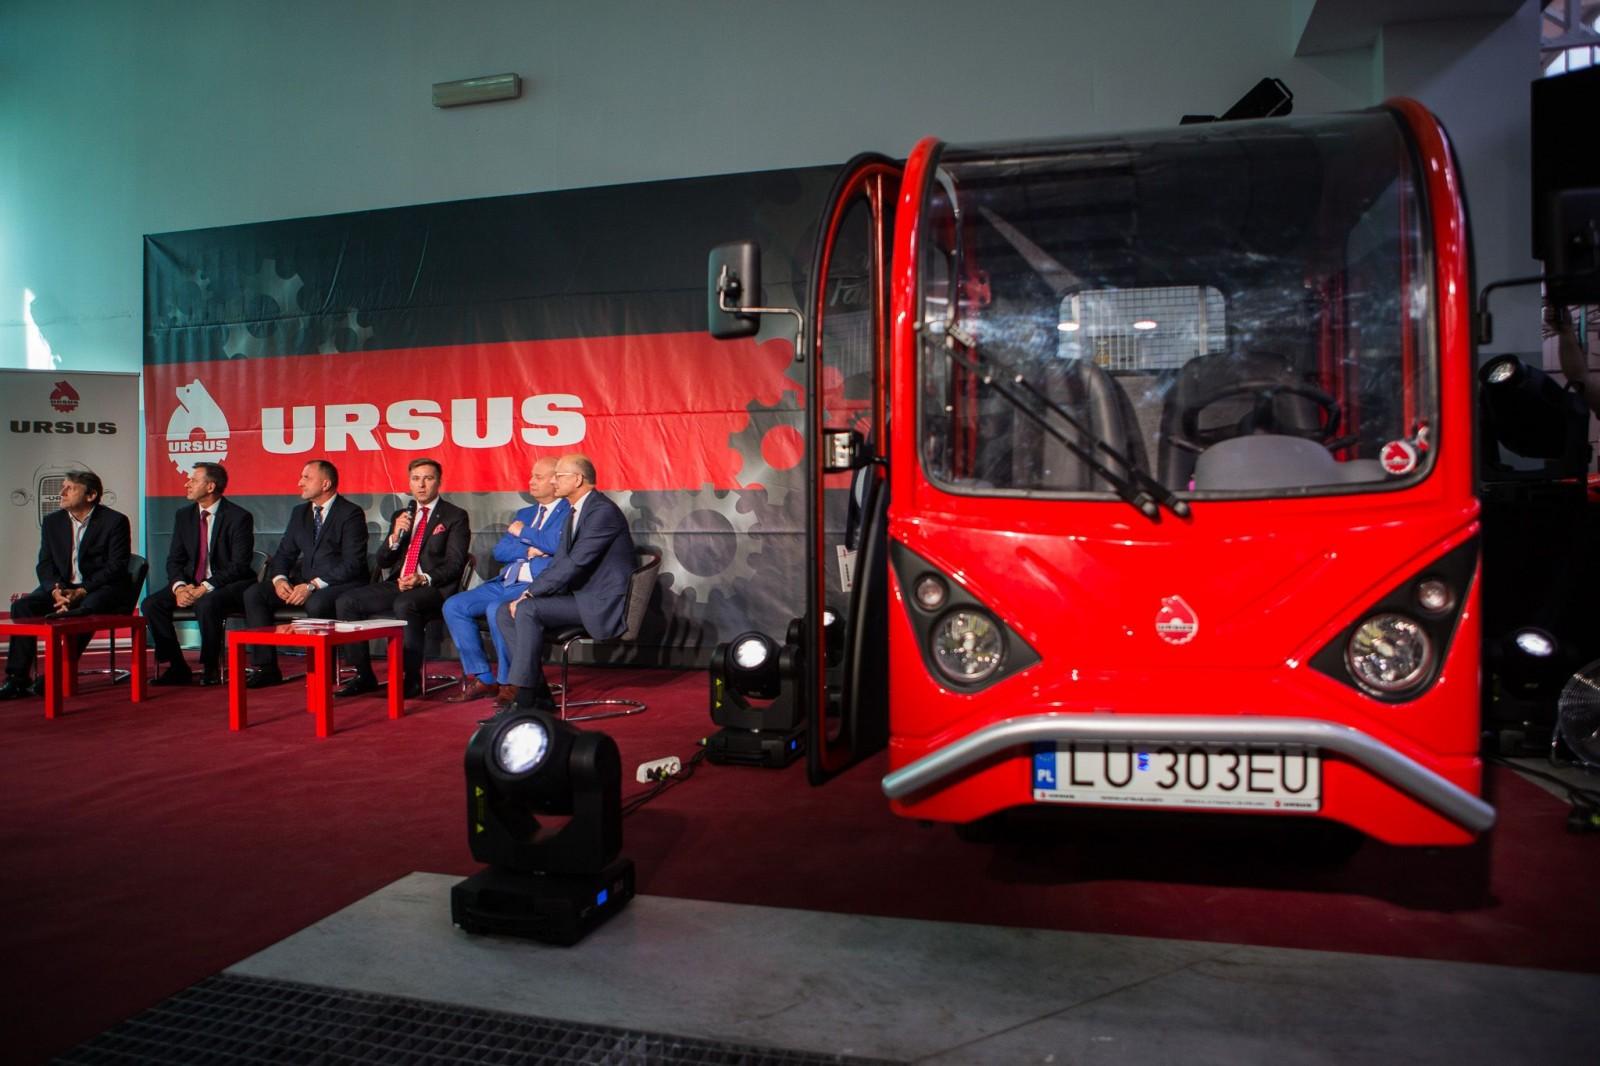 Groovy Dostawczy Ursus z elektrycznym silnikiem a nawet napędem 4x4 UZ94